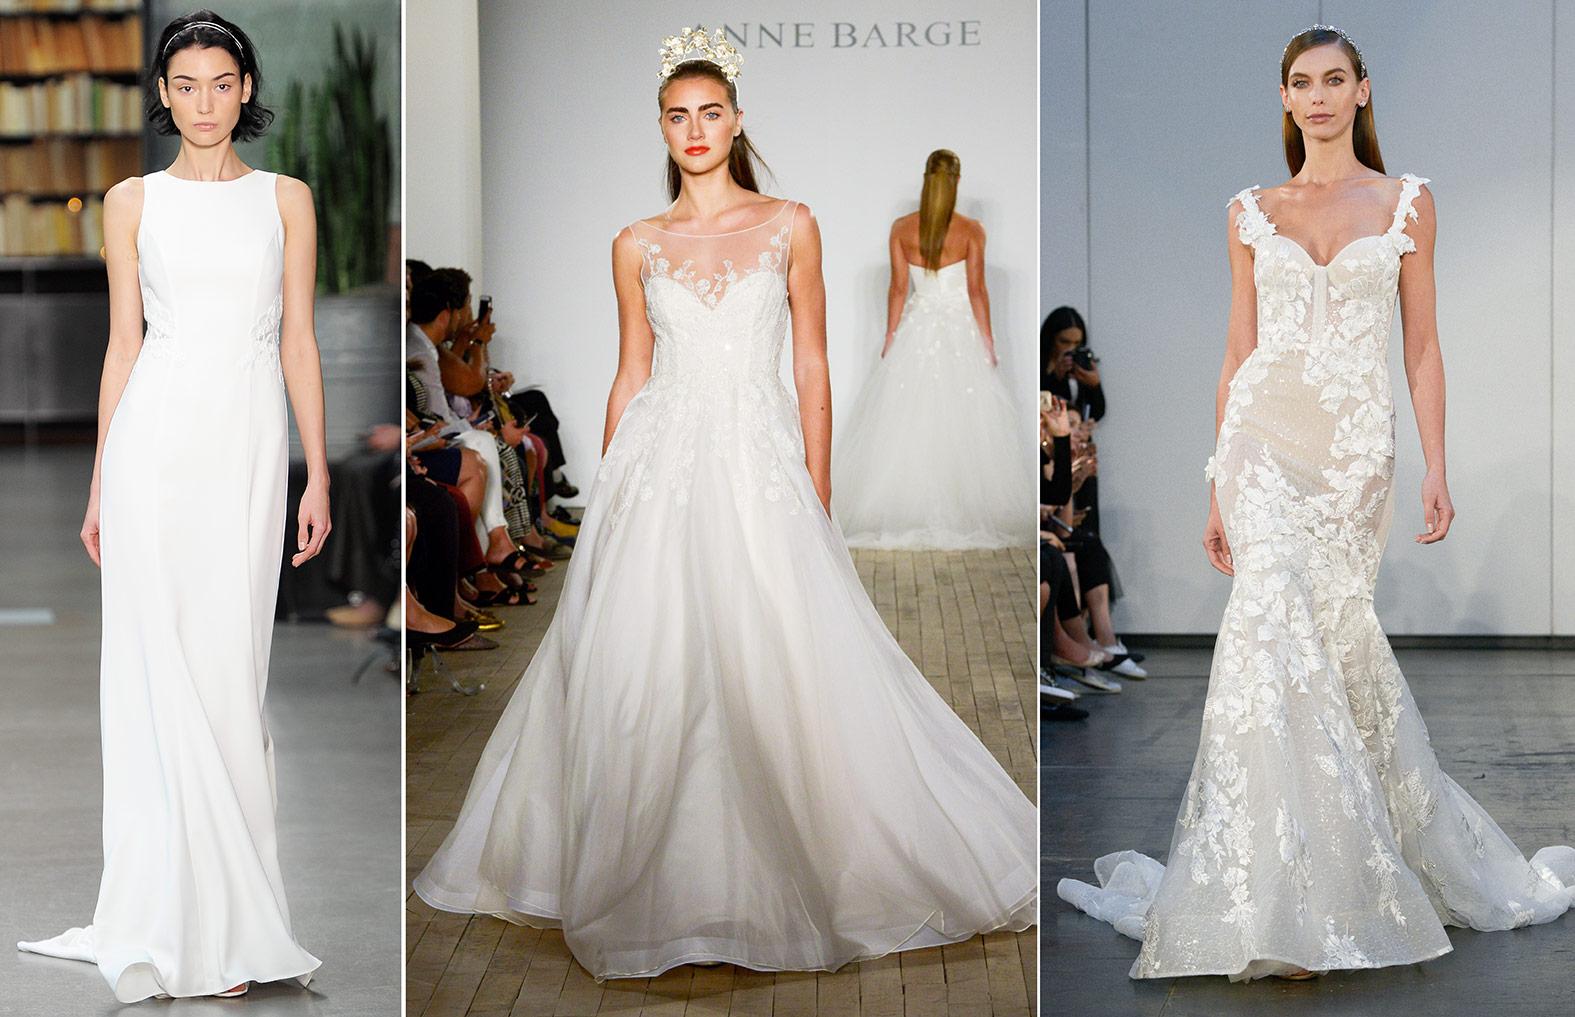 Brautkleider in verschiedenen Silhouetten